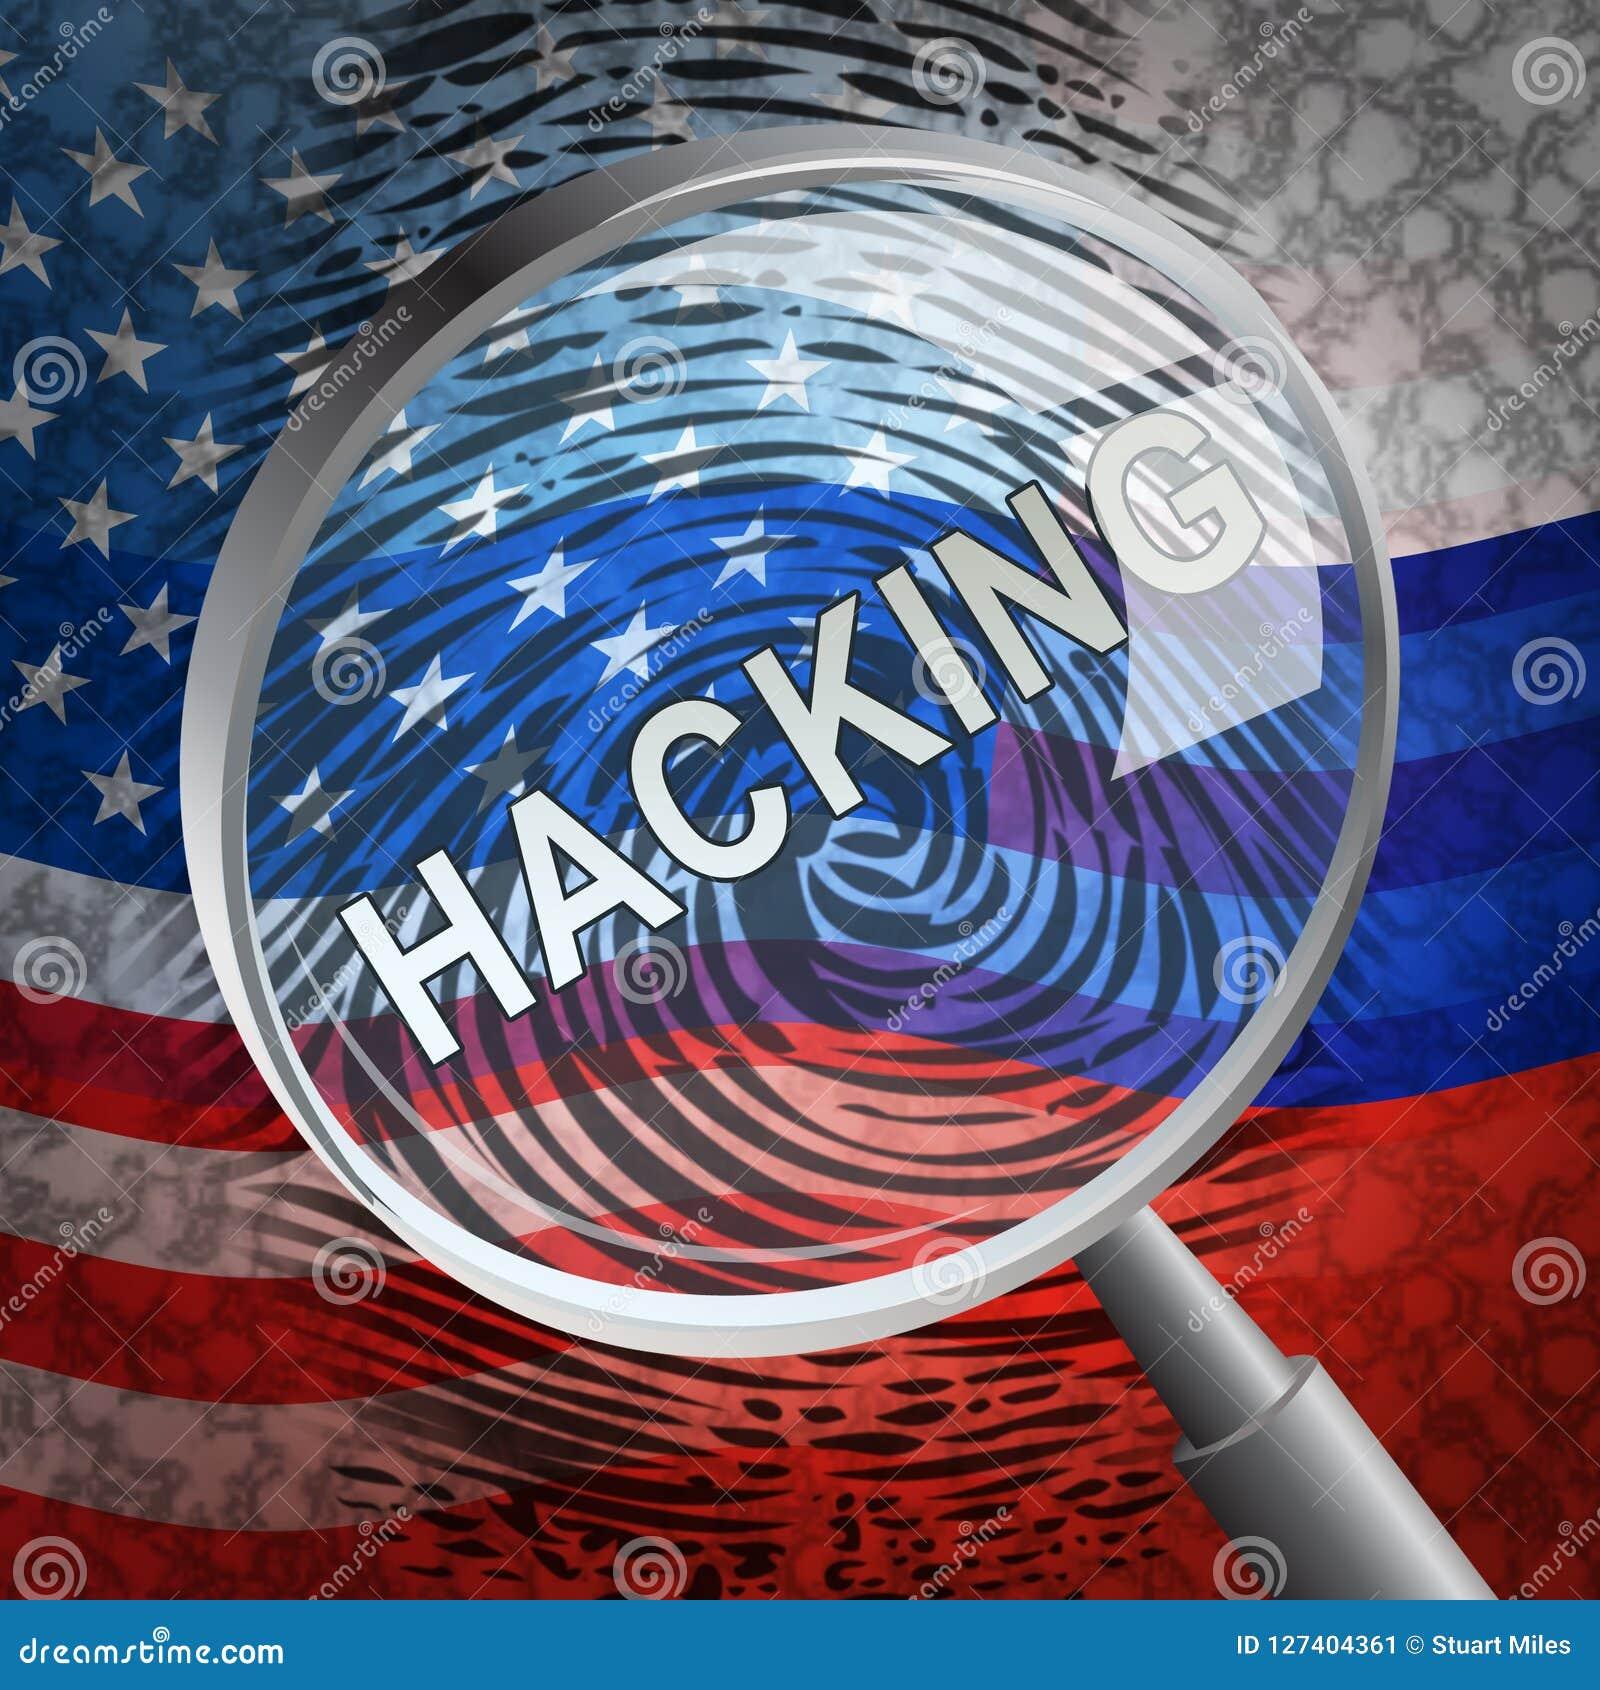 Εκλογή που χαράσσει τη ρωσική 2$α απεικόνιση επιθέσεων κατασκοπείας